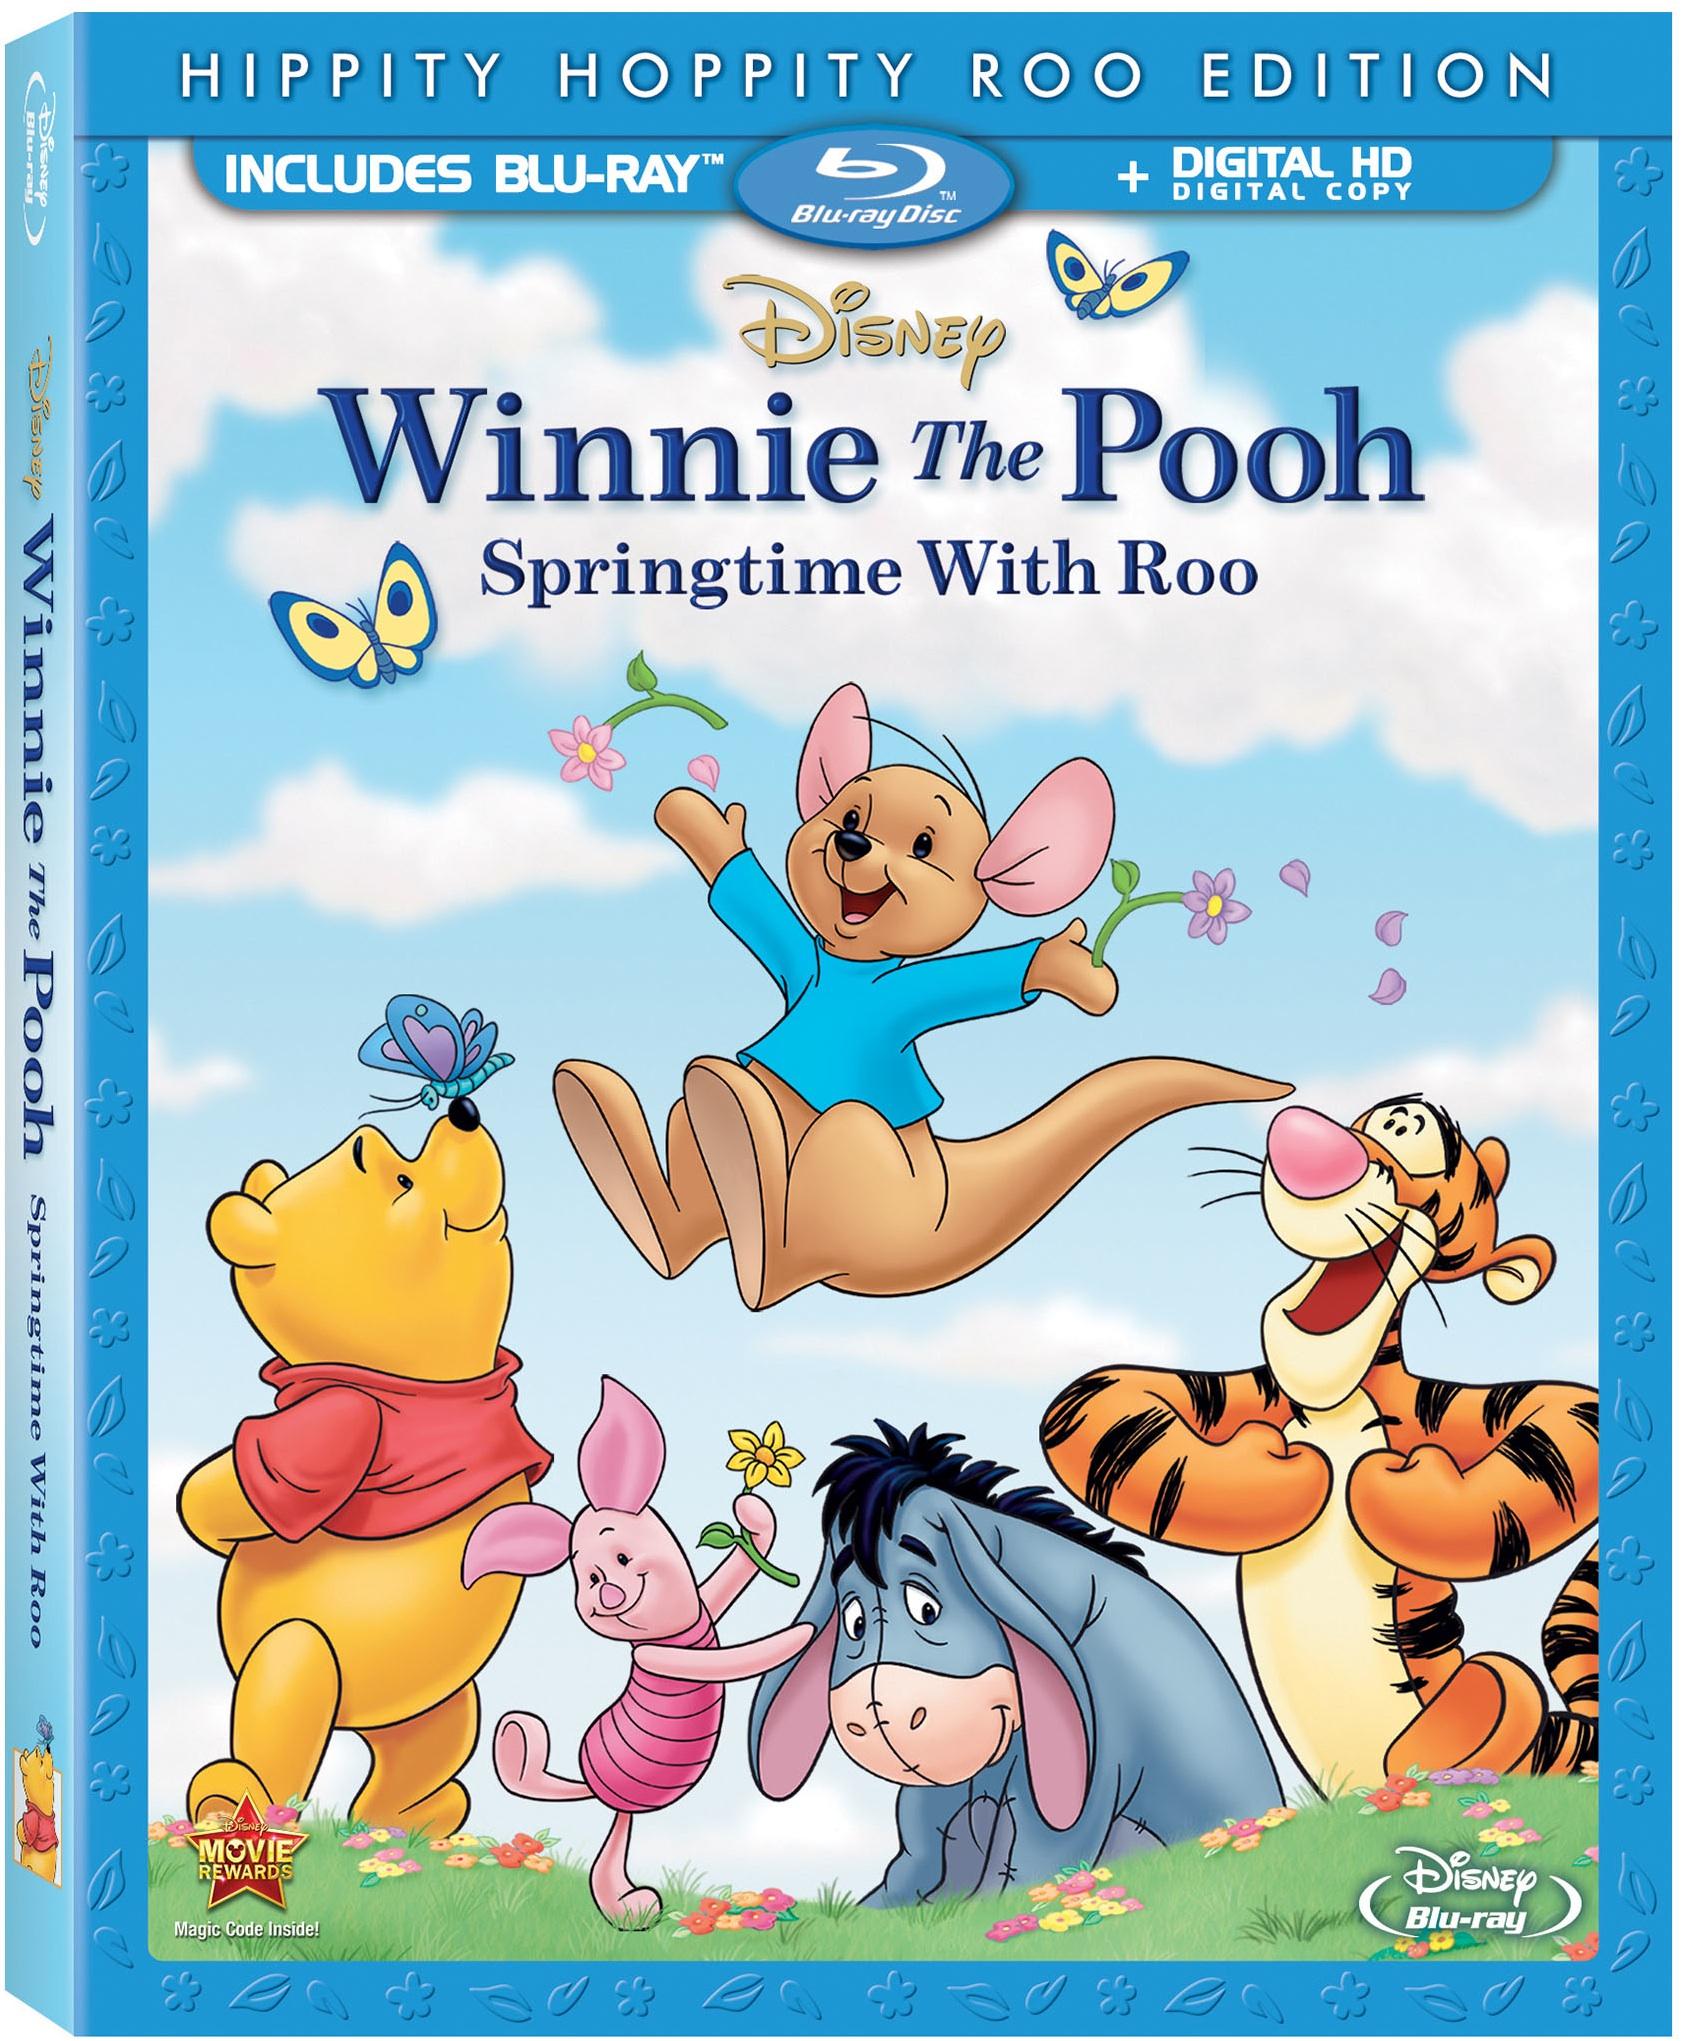 Winnie the Pooh: Springtime with Roo (video) | Disney Wiki | FANDOM powered by Wikia